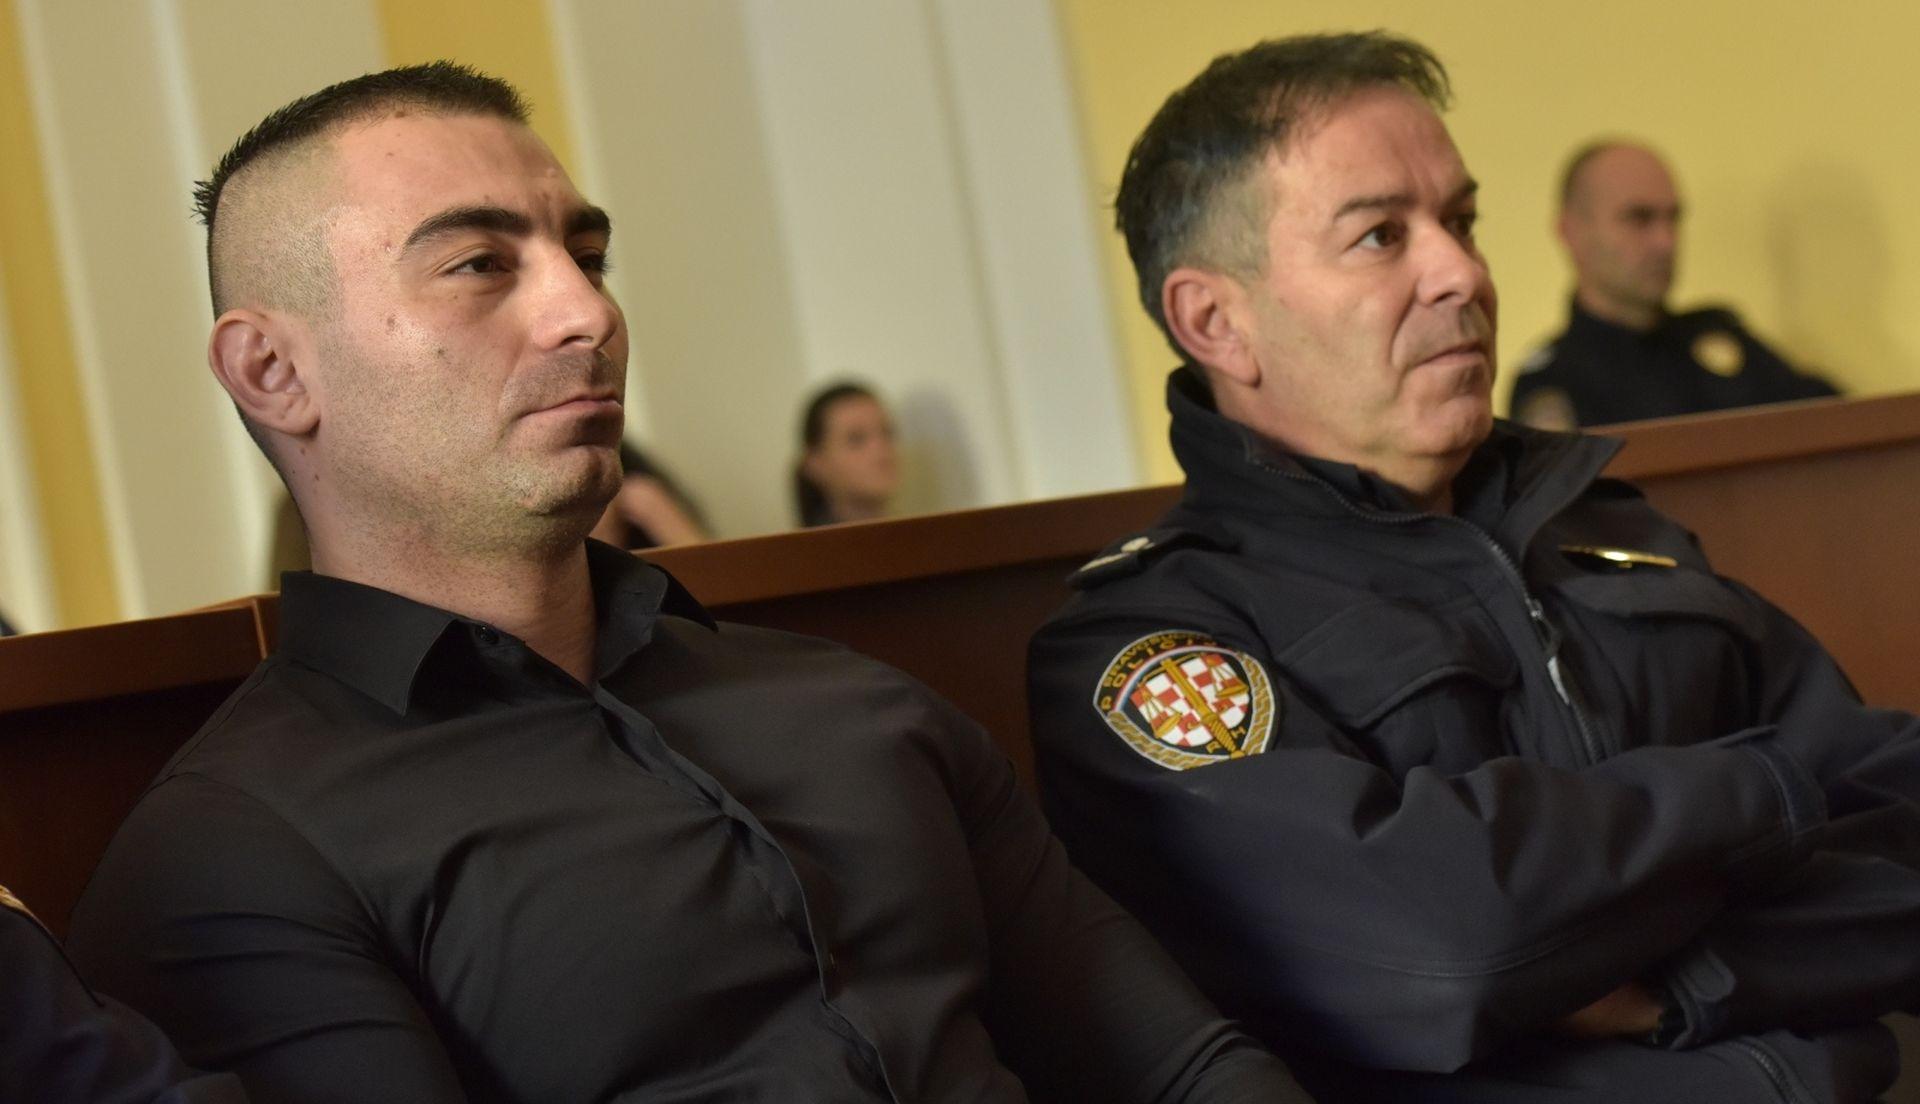 Zbog sramoćenja žrtve javnost isključena iz suđenja 'Daruvarcu'